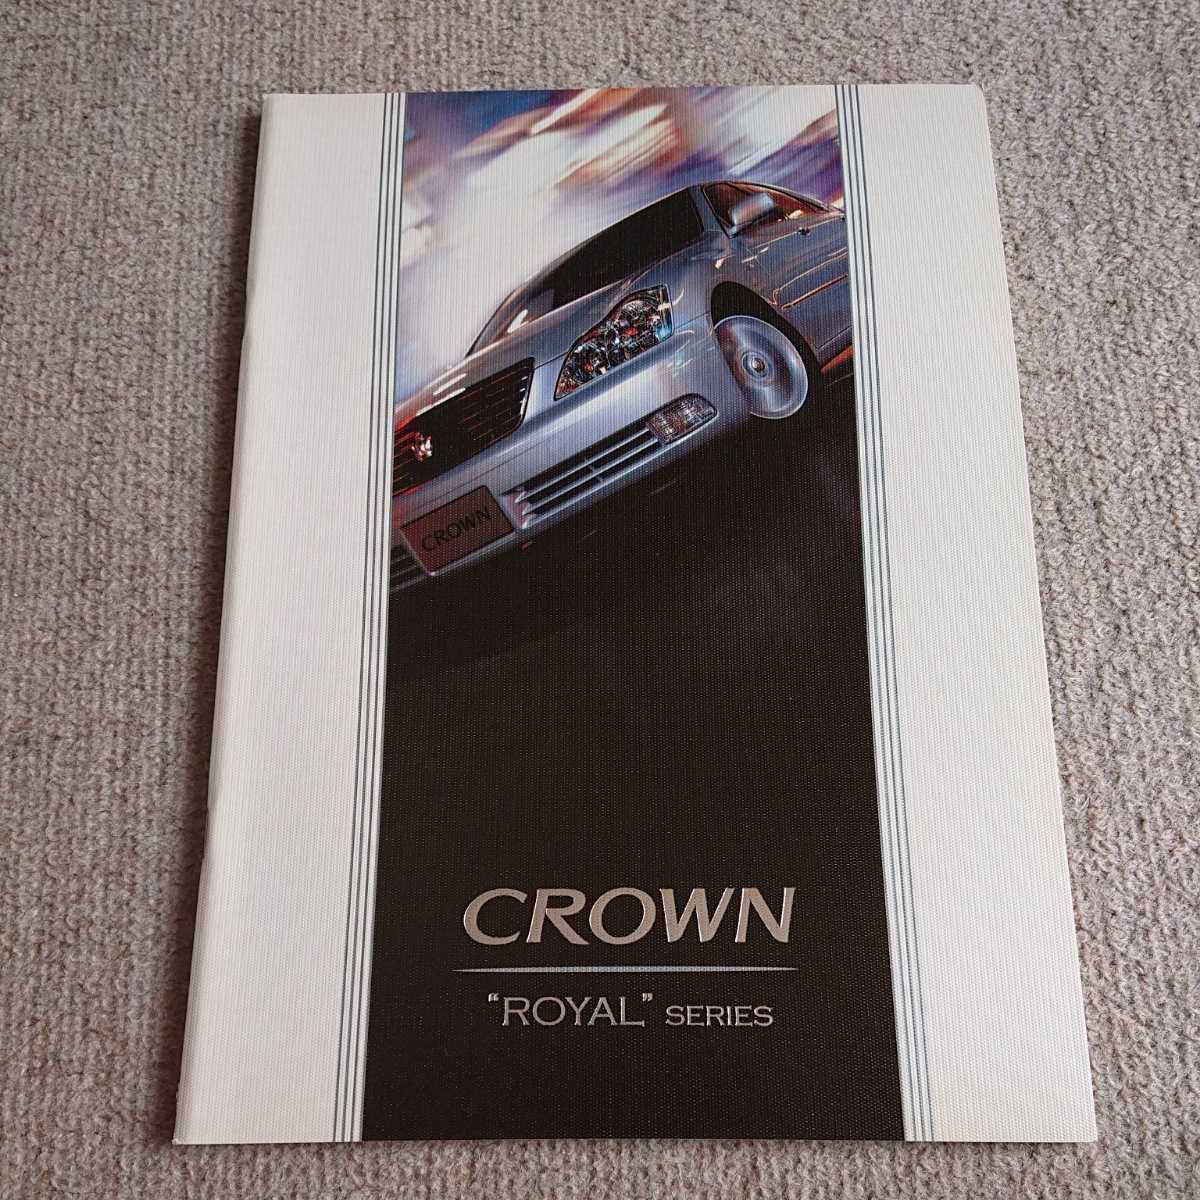 廃盤、2003年~2005年、型式UA-GRS180、182、183。トヨタ ゼロクラウン 前期 ロイヤル サルーン。本カタログ。_画像1